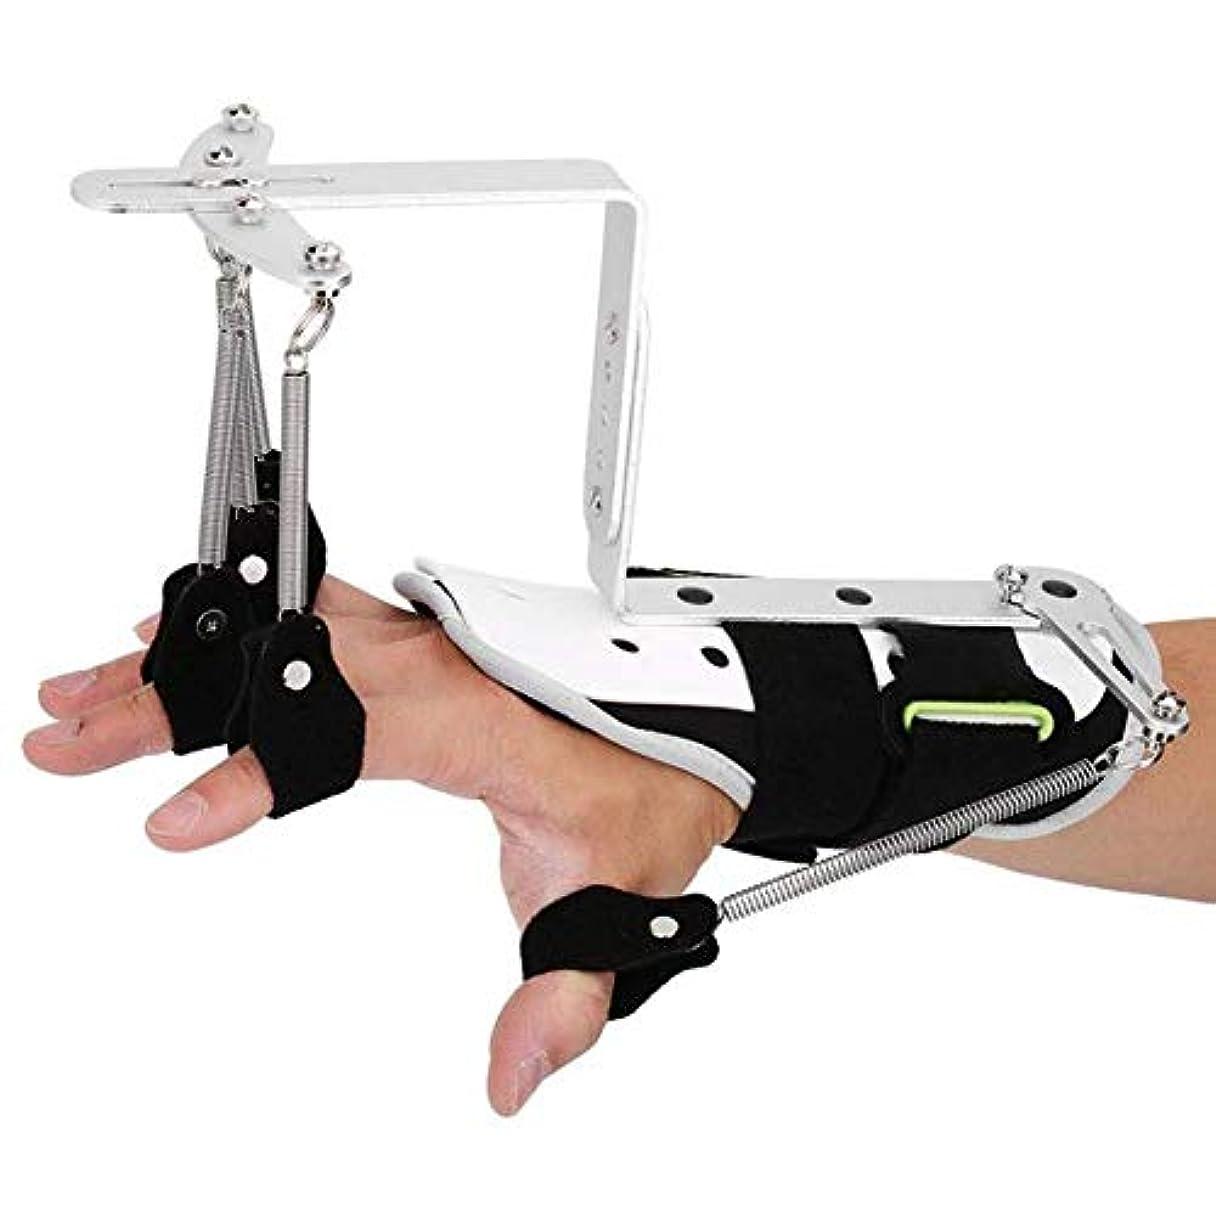 データ微視的ビート脳卒中片麻痺患者のための指損傷サポート、指手首関節矯正トレーニングサポート